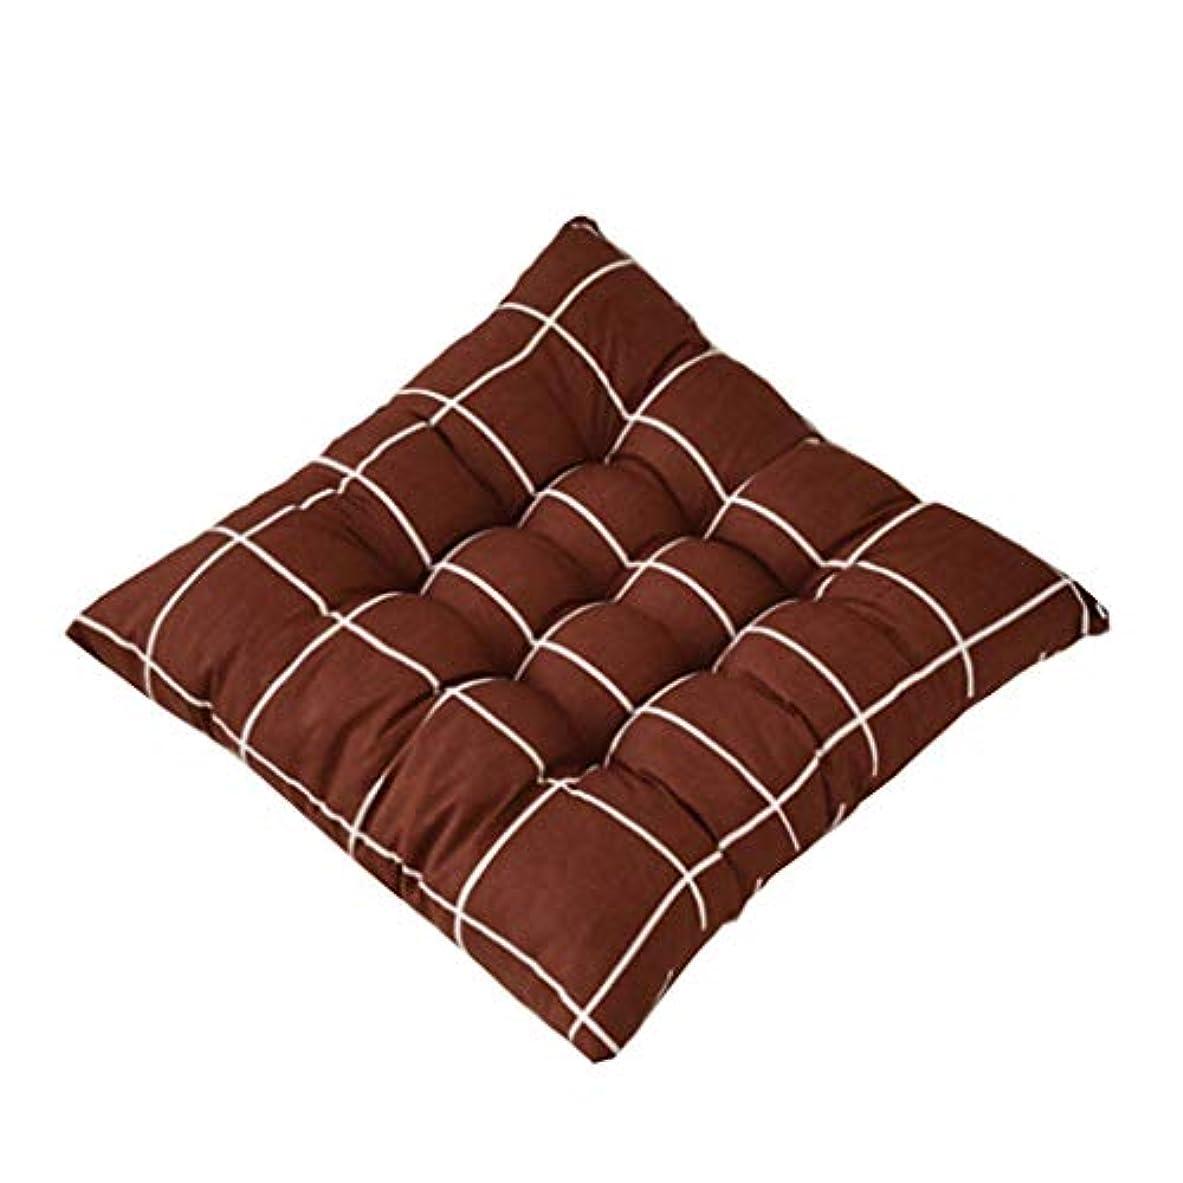 学士条約エイリアスLIFE 正方形の椅子パッド厚いシートクッションダイニングパティオホームオフィス屋内屋外ガーデンソファ臀部クッション 40 × 40 センチメートル クッション 椅子